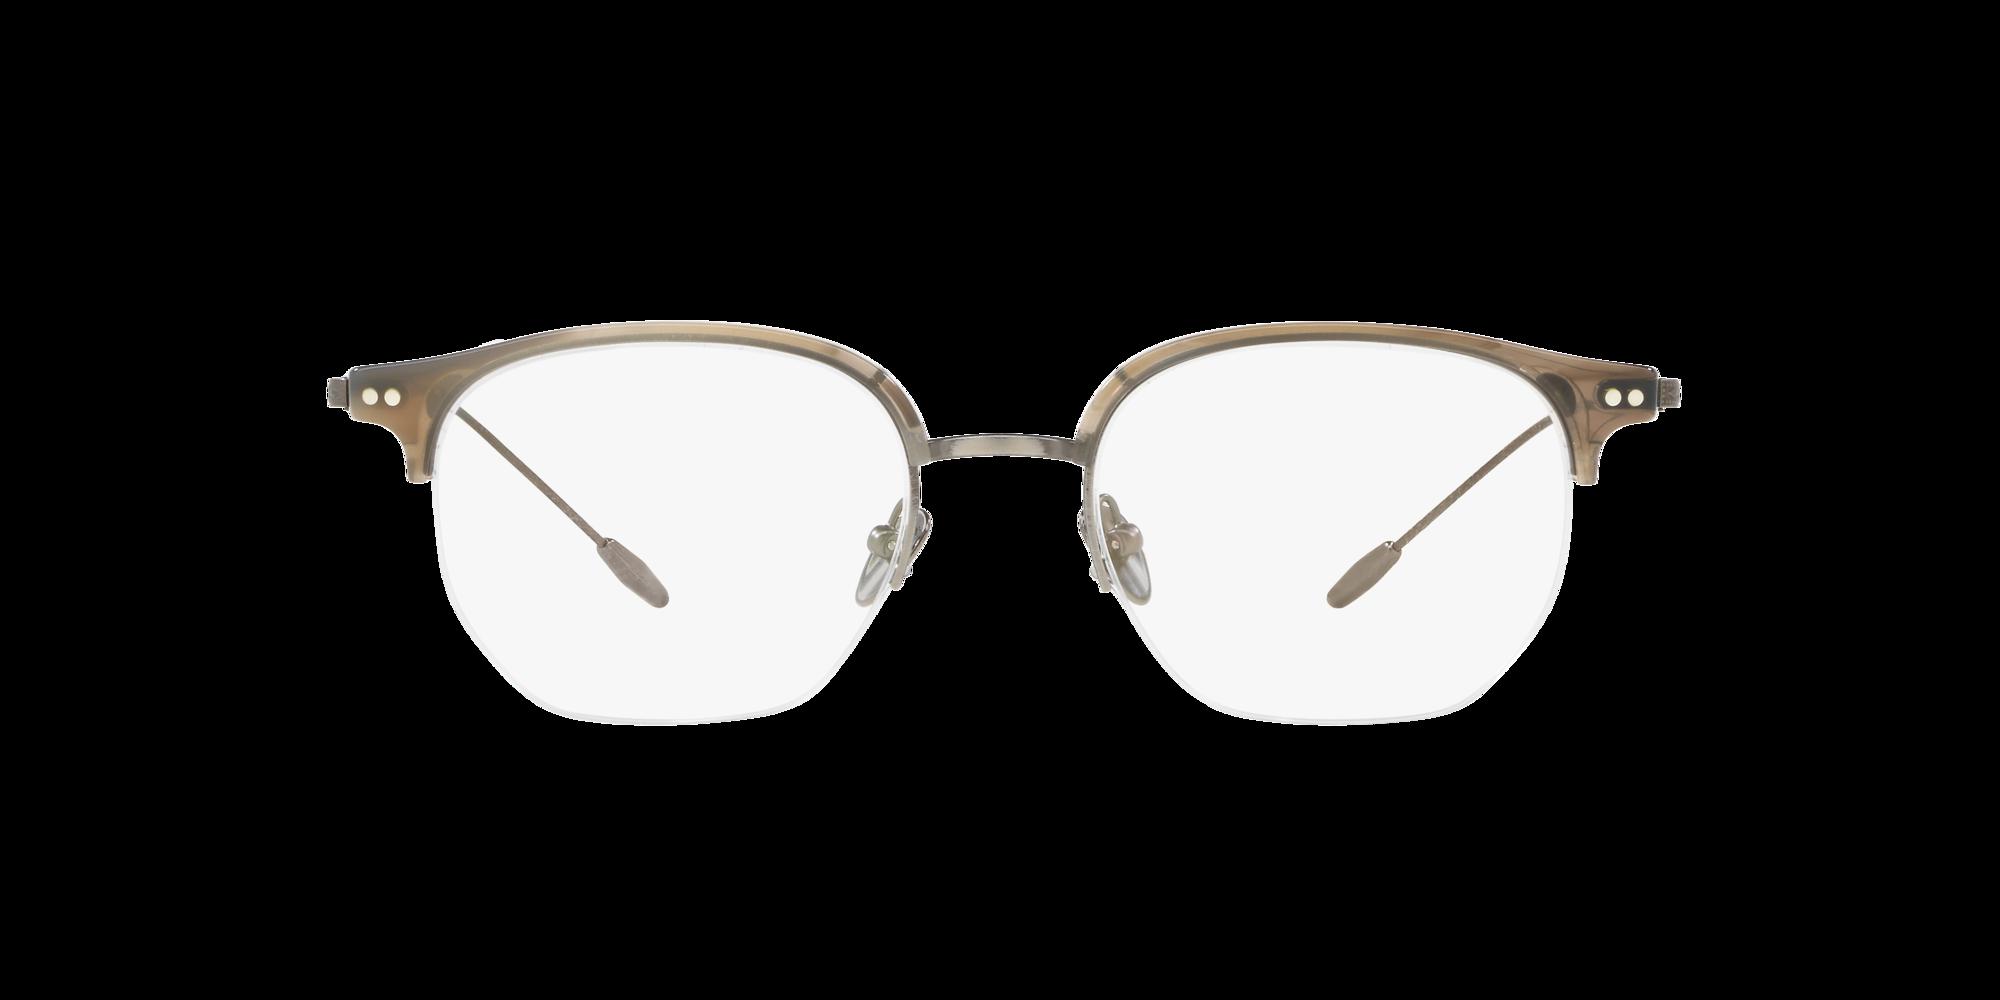 Imagen para AR7153 de LensCrafters |  Espejuelos, espejuelos graduados en línea, gafas